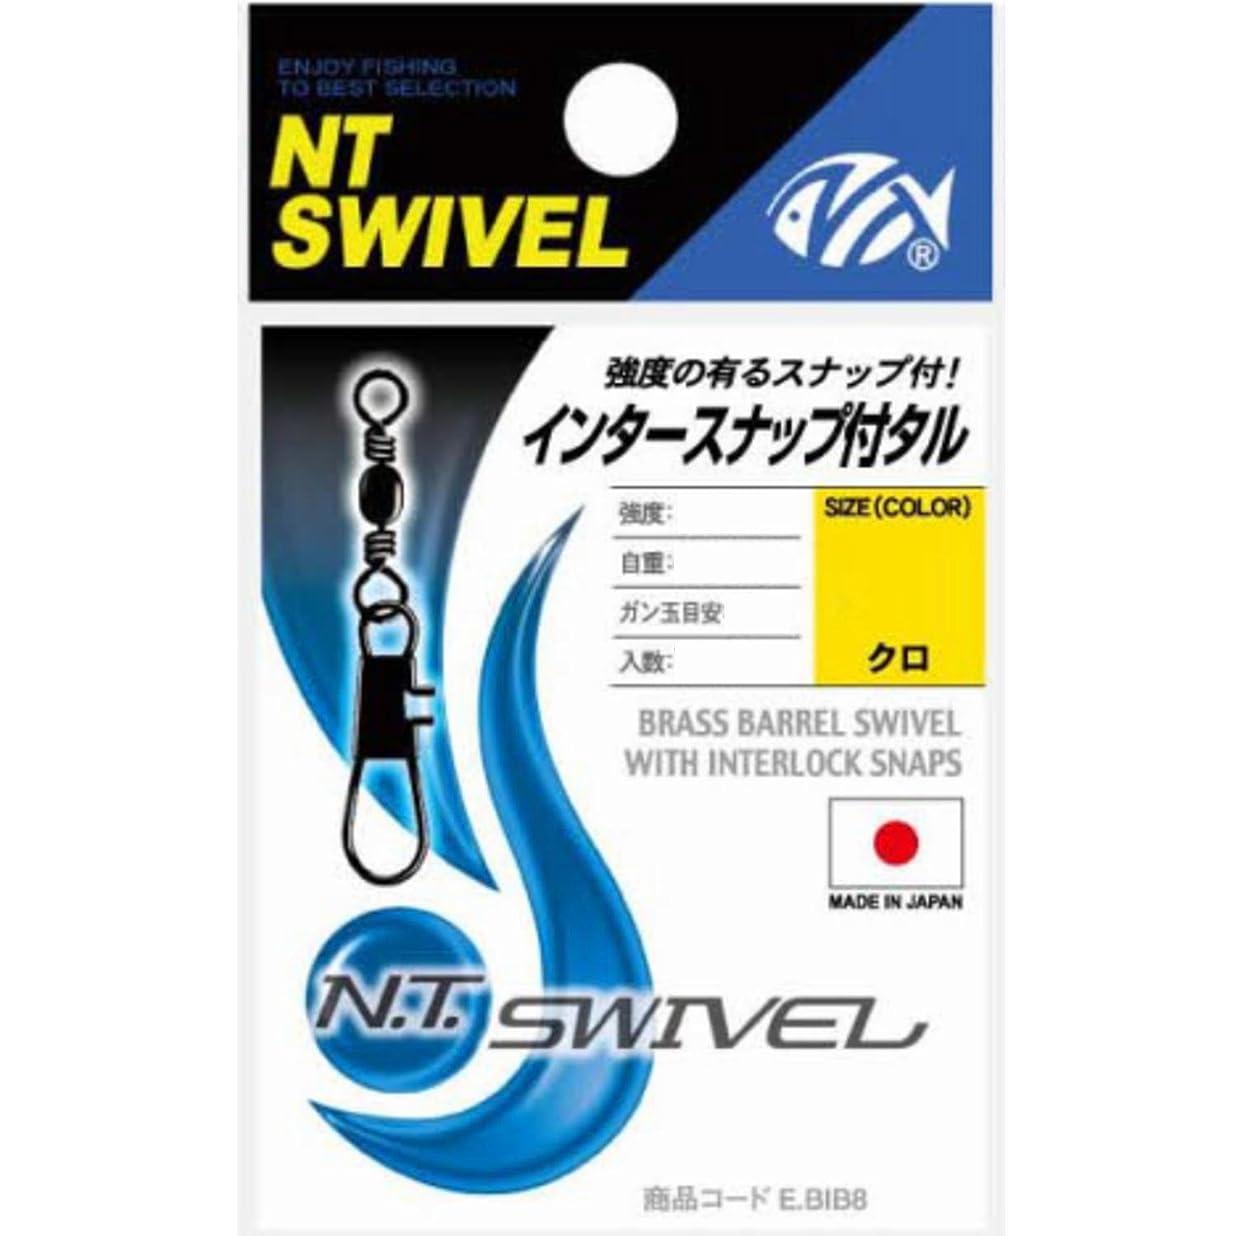 目立つ受賞ヘルメットNTスイベル(N.T.SWIVEL) インタースナップ付タル クロ #9